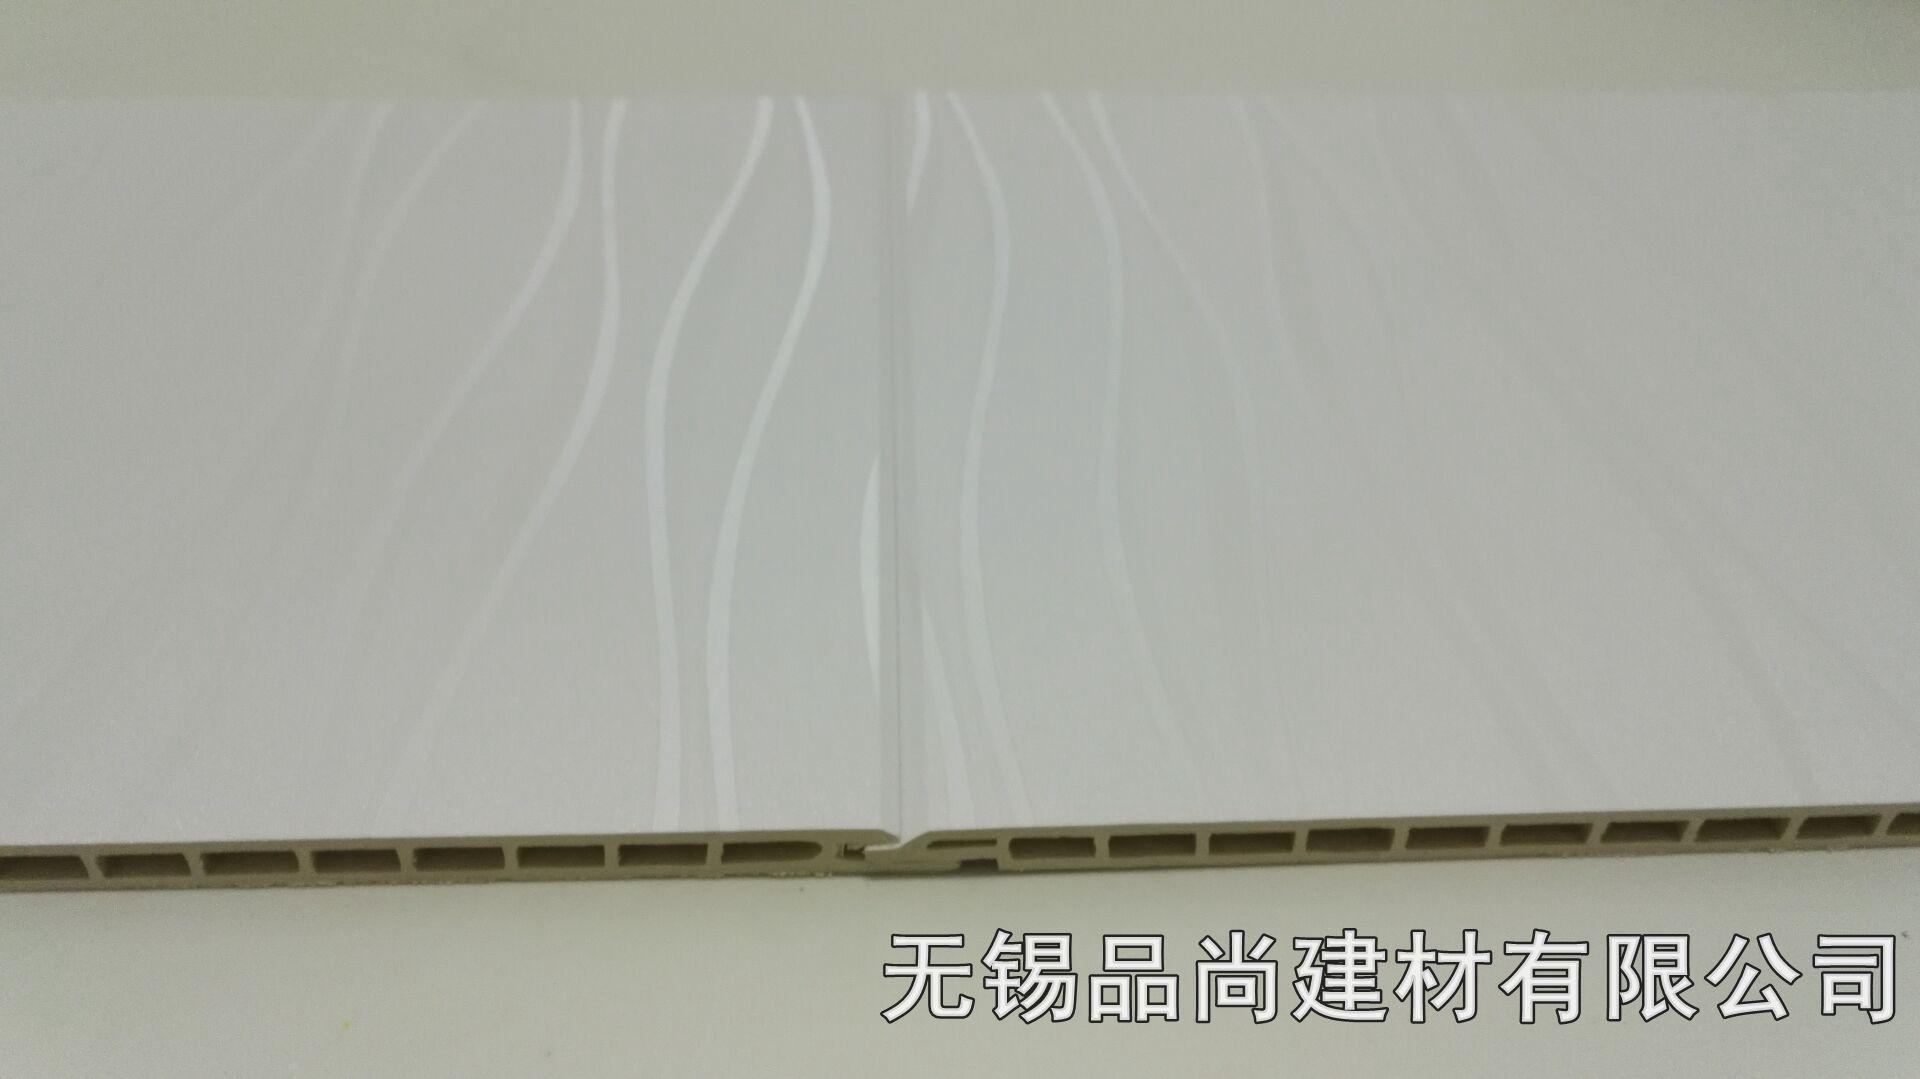 苏州集成墙面公司 木塑墙板价格优惠